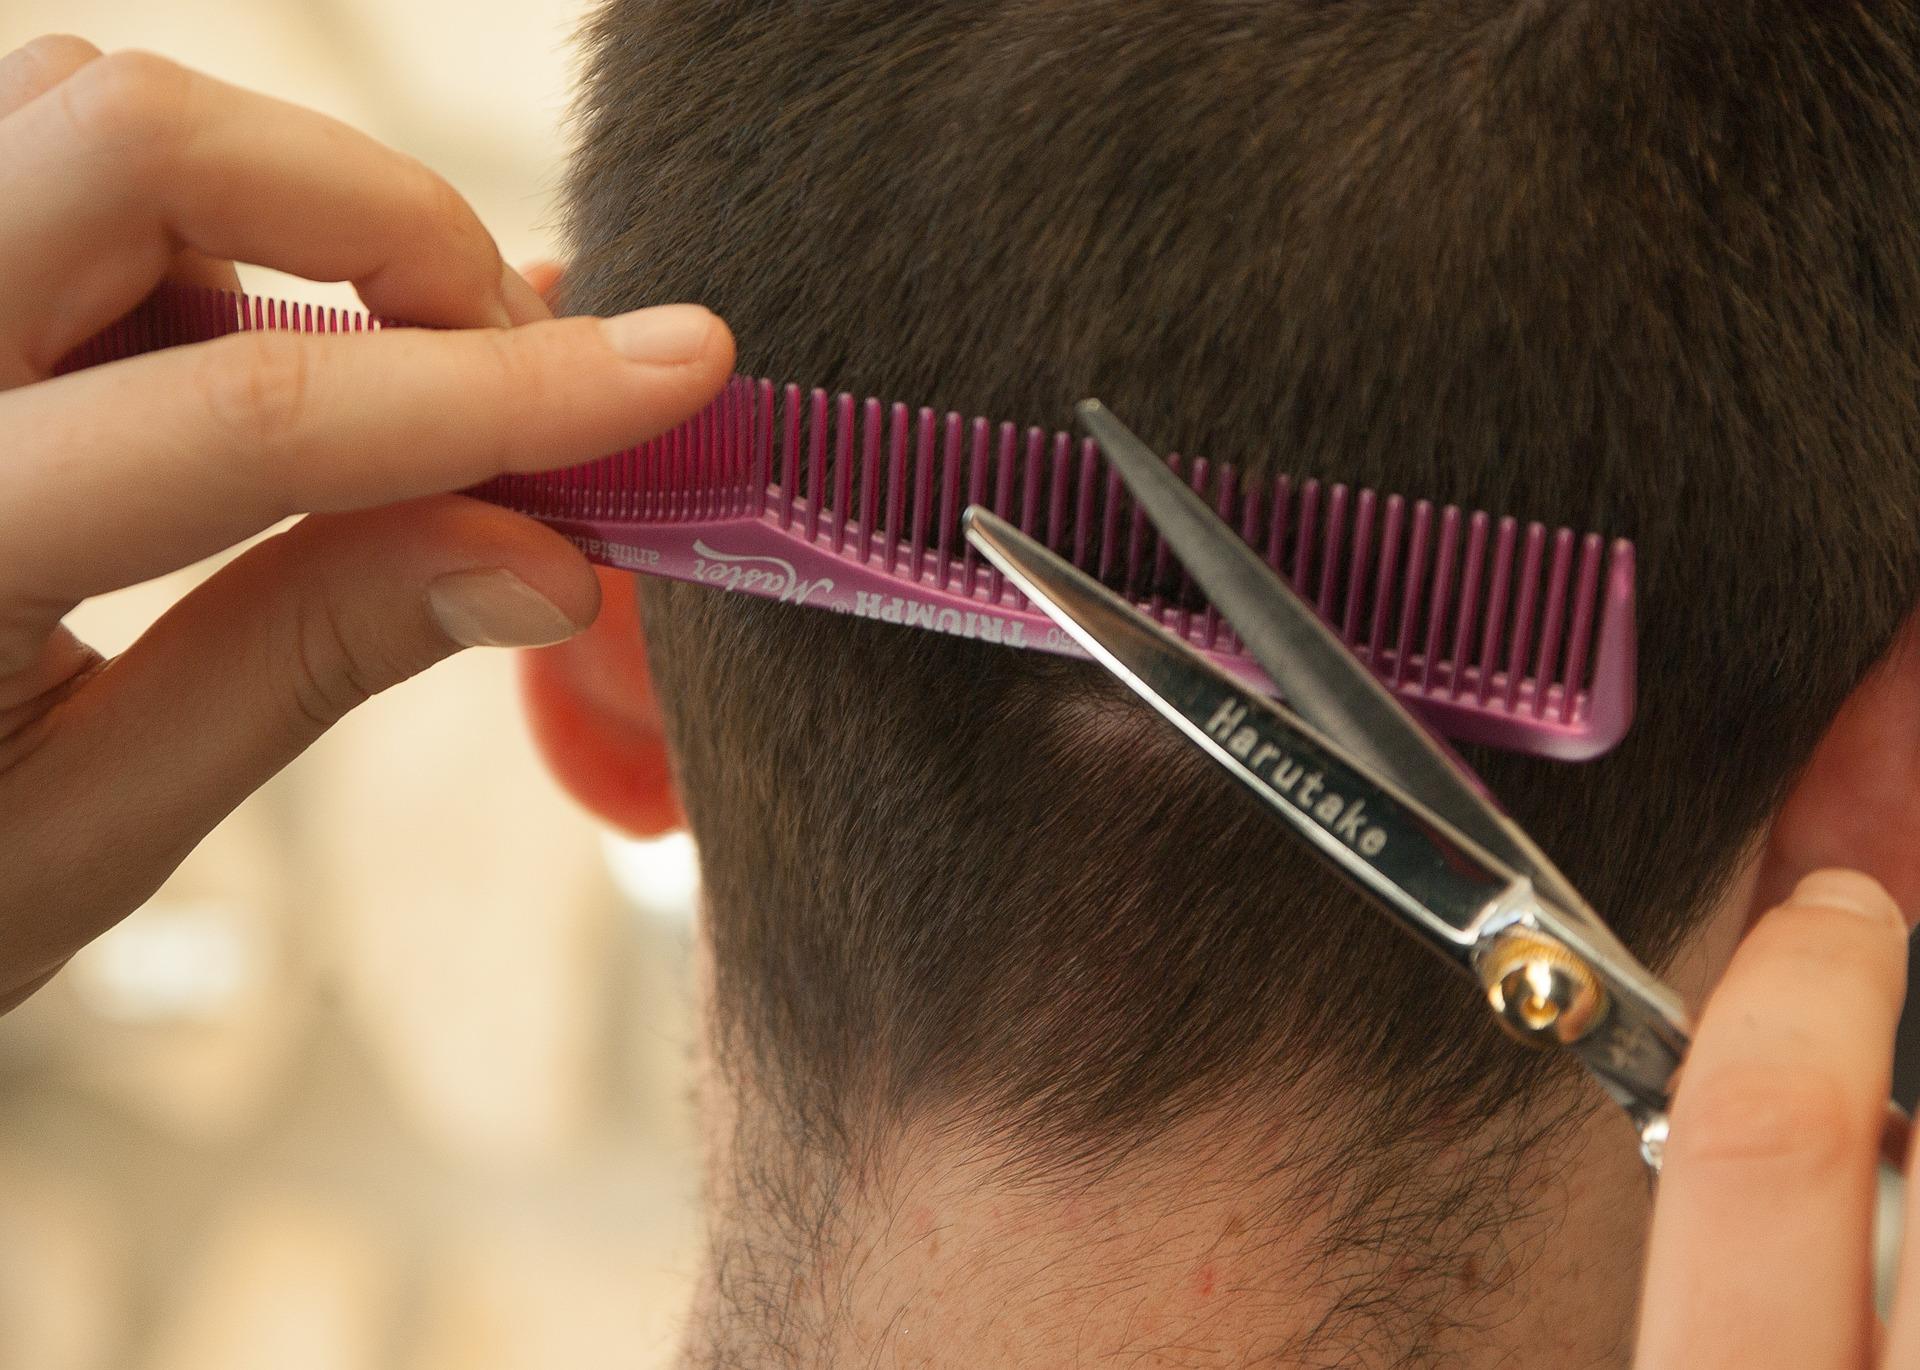 INFORMAZIONI RISERVATE  Cosa possono scoprire da un tuo capello  bc9b8c37bbfd